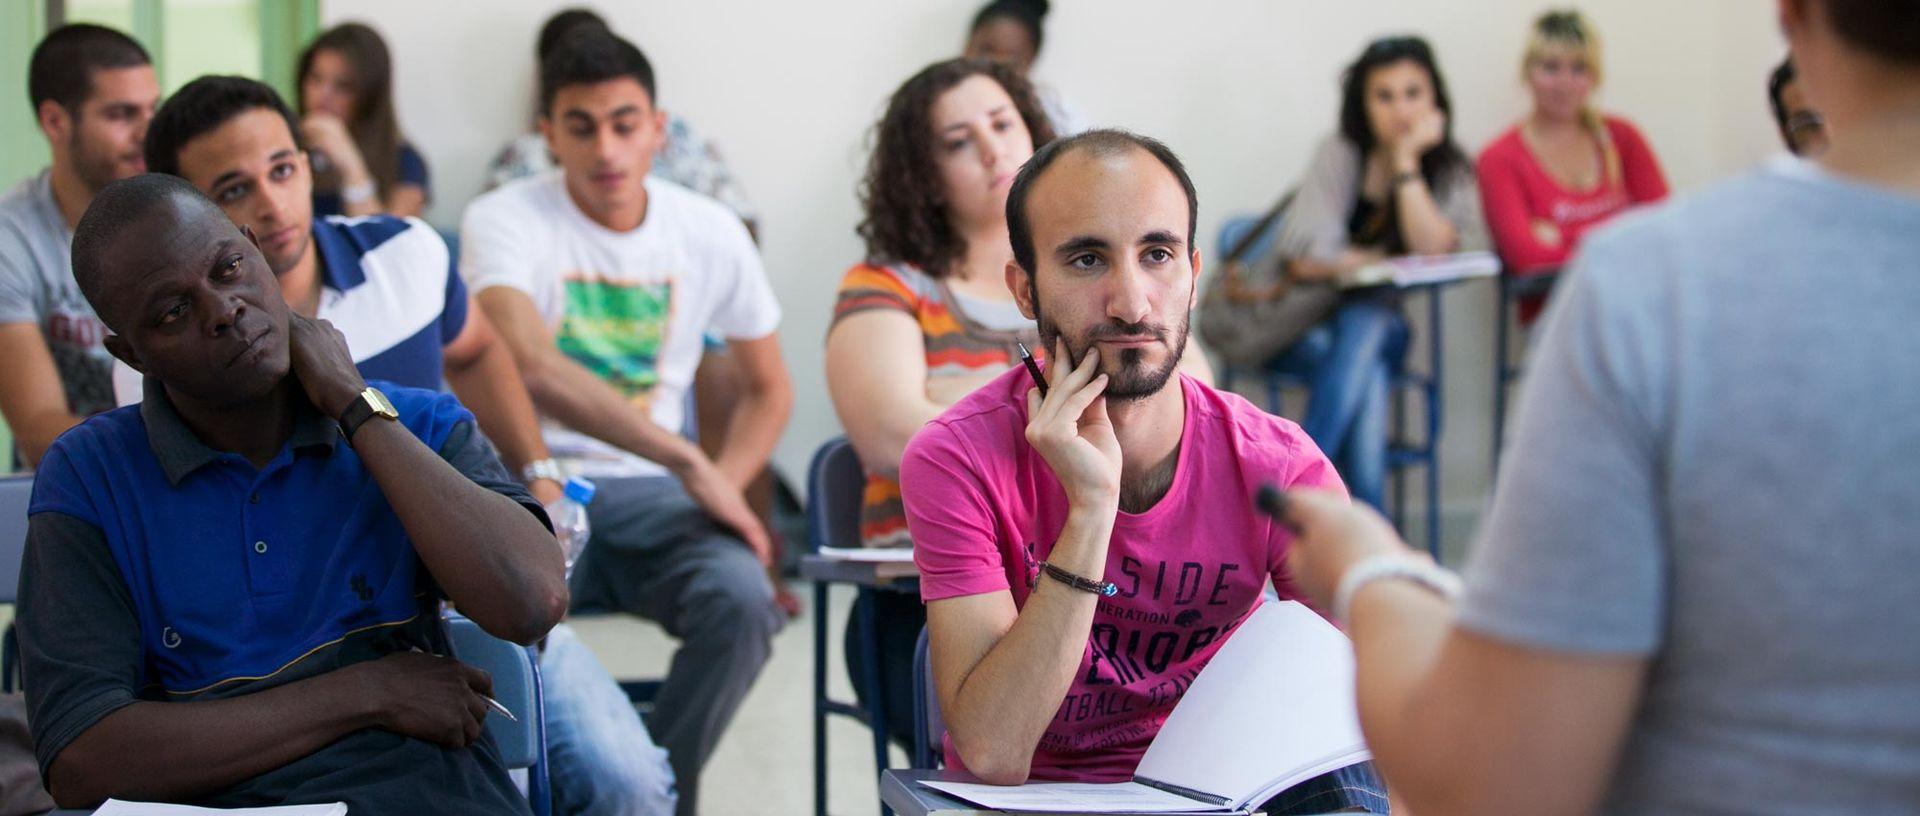 Application essay harvard university